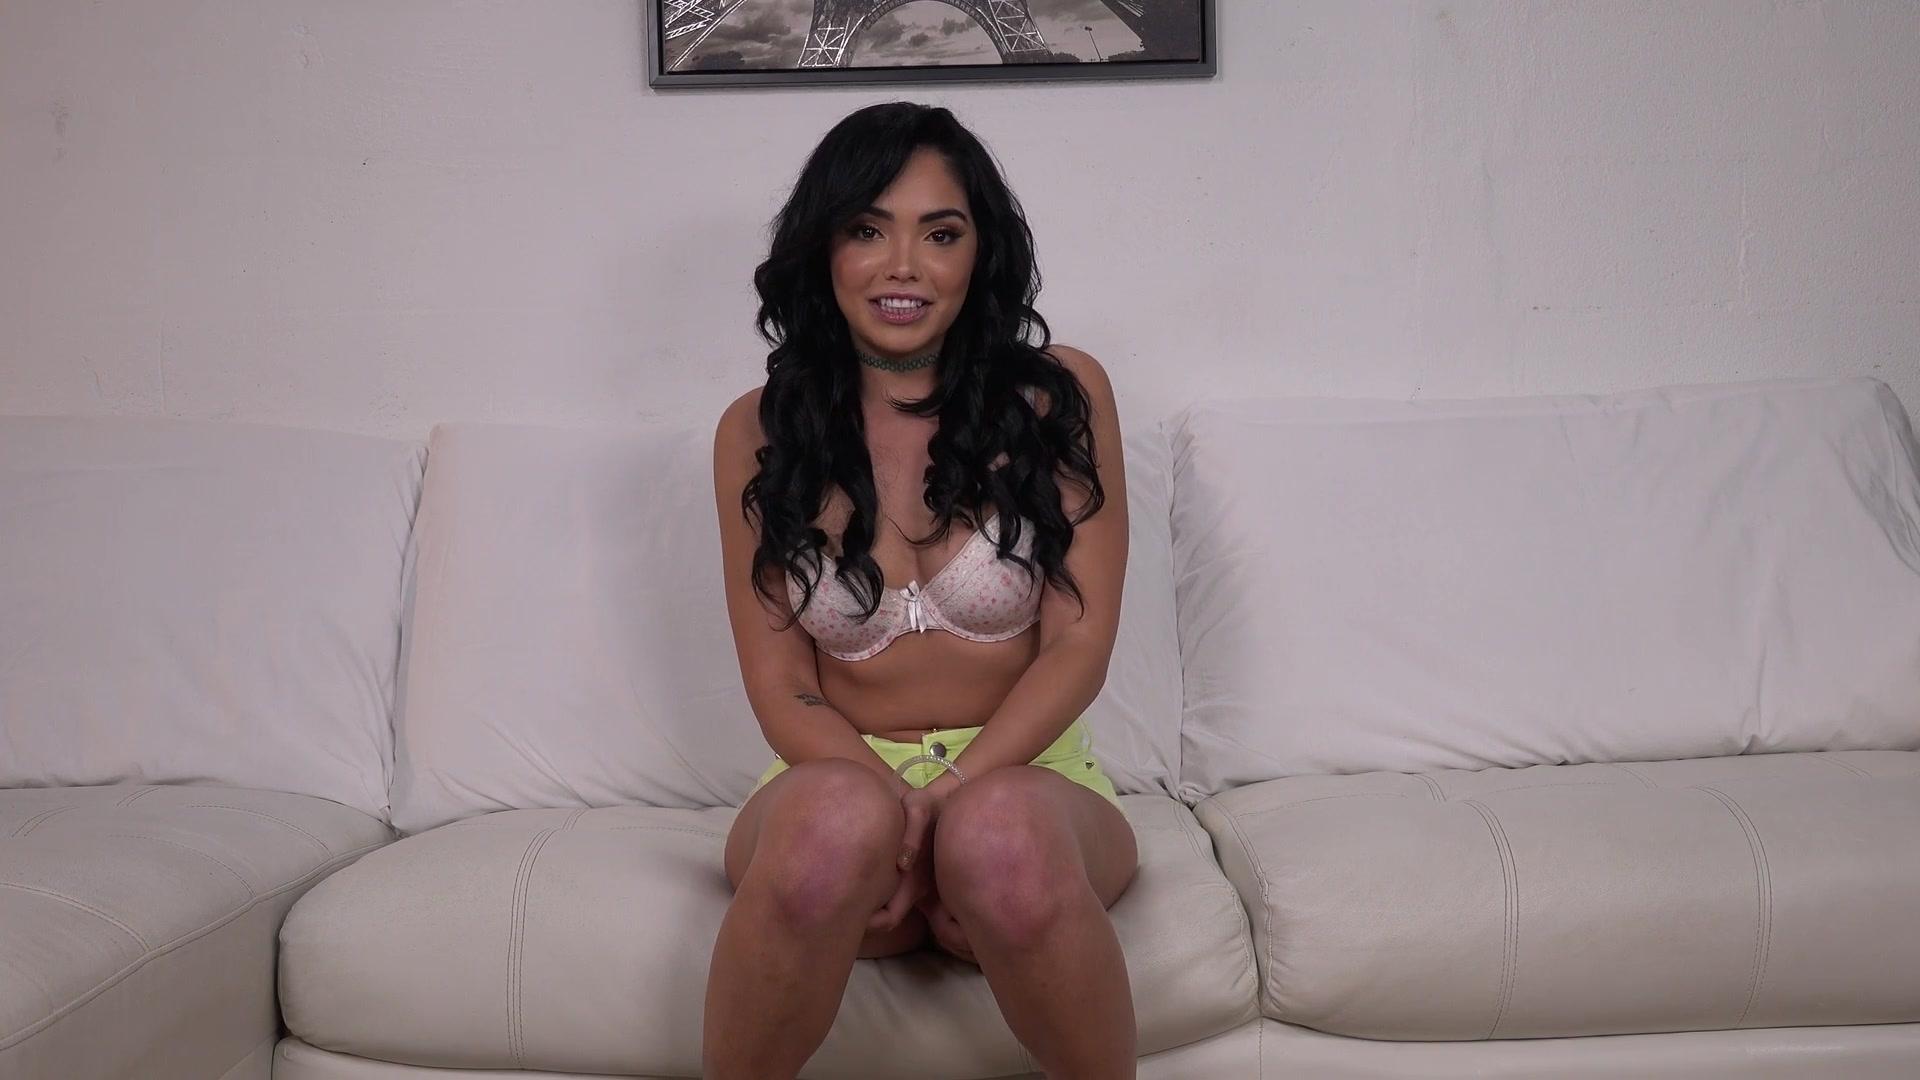 Sadie Porn Star